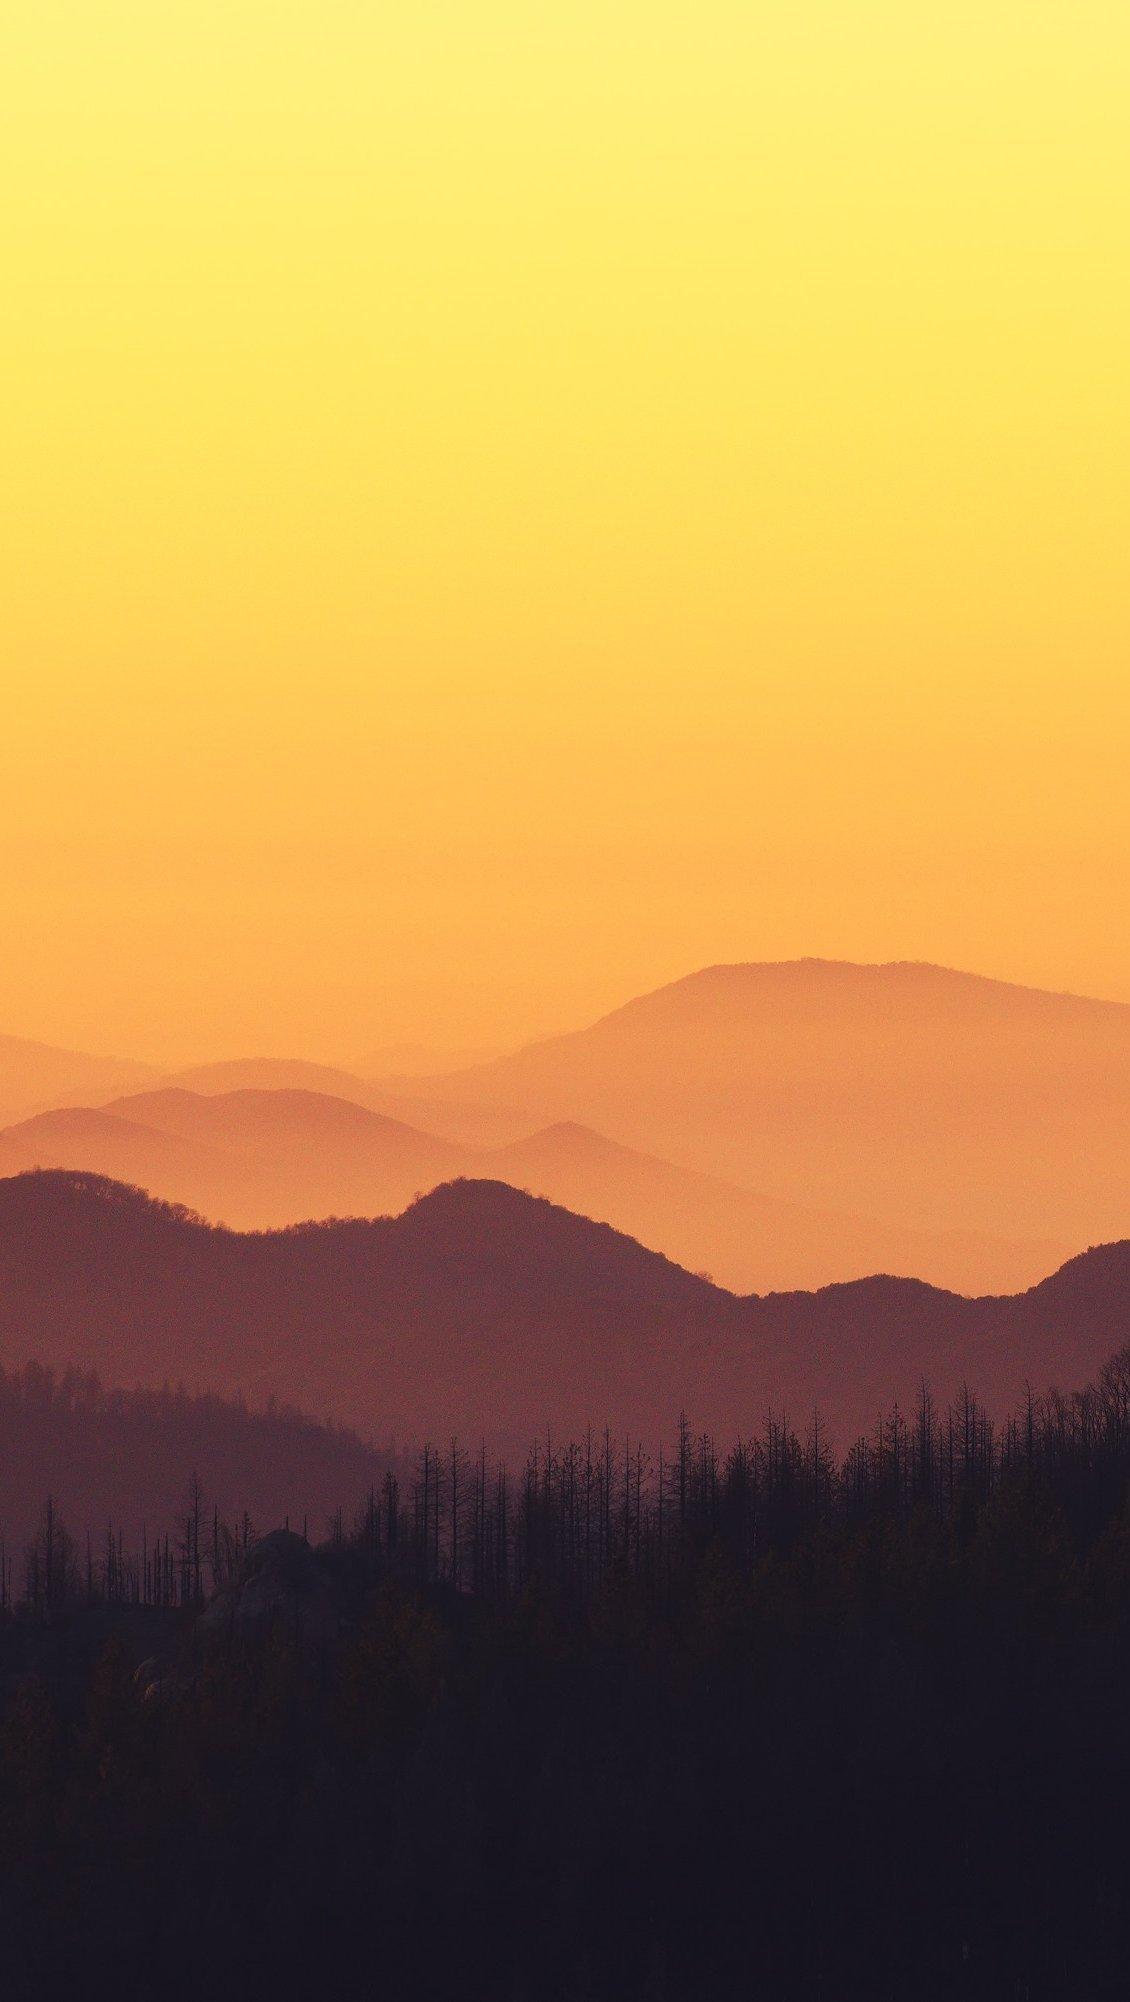 Fondos de pantalla Montañas en bosque al atardecer Vertical